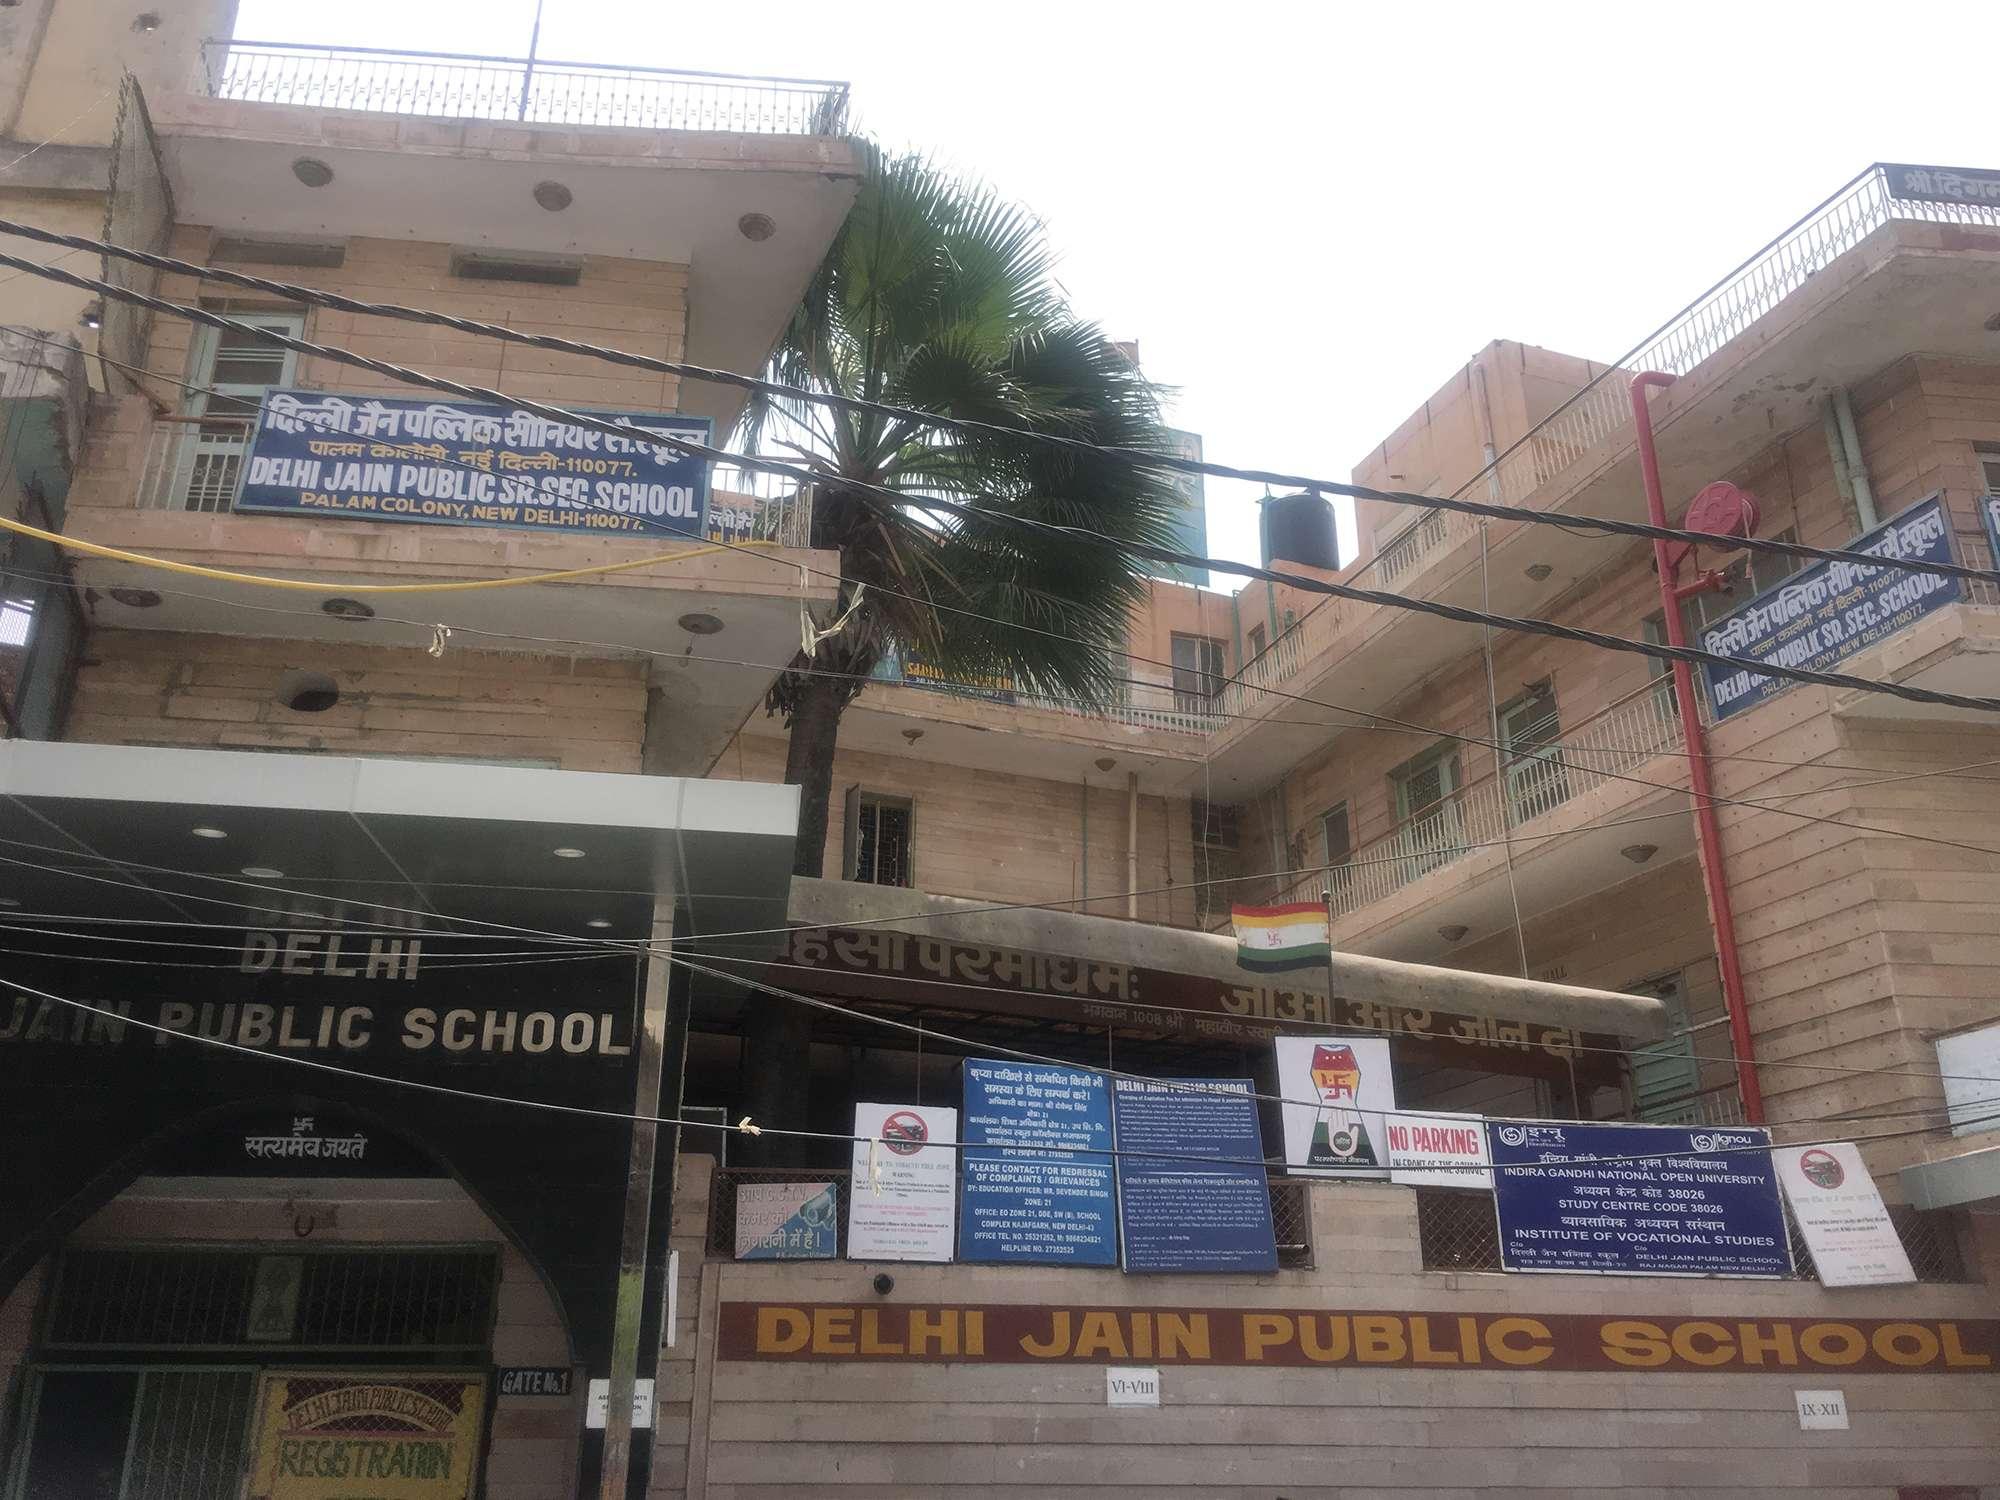 DELHI JAIN PUBLIC SCHOOL 12 RLY ROAD PALAM NEW DELHI 2730109